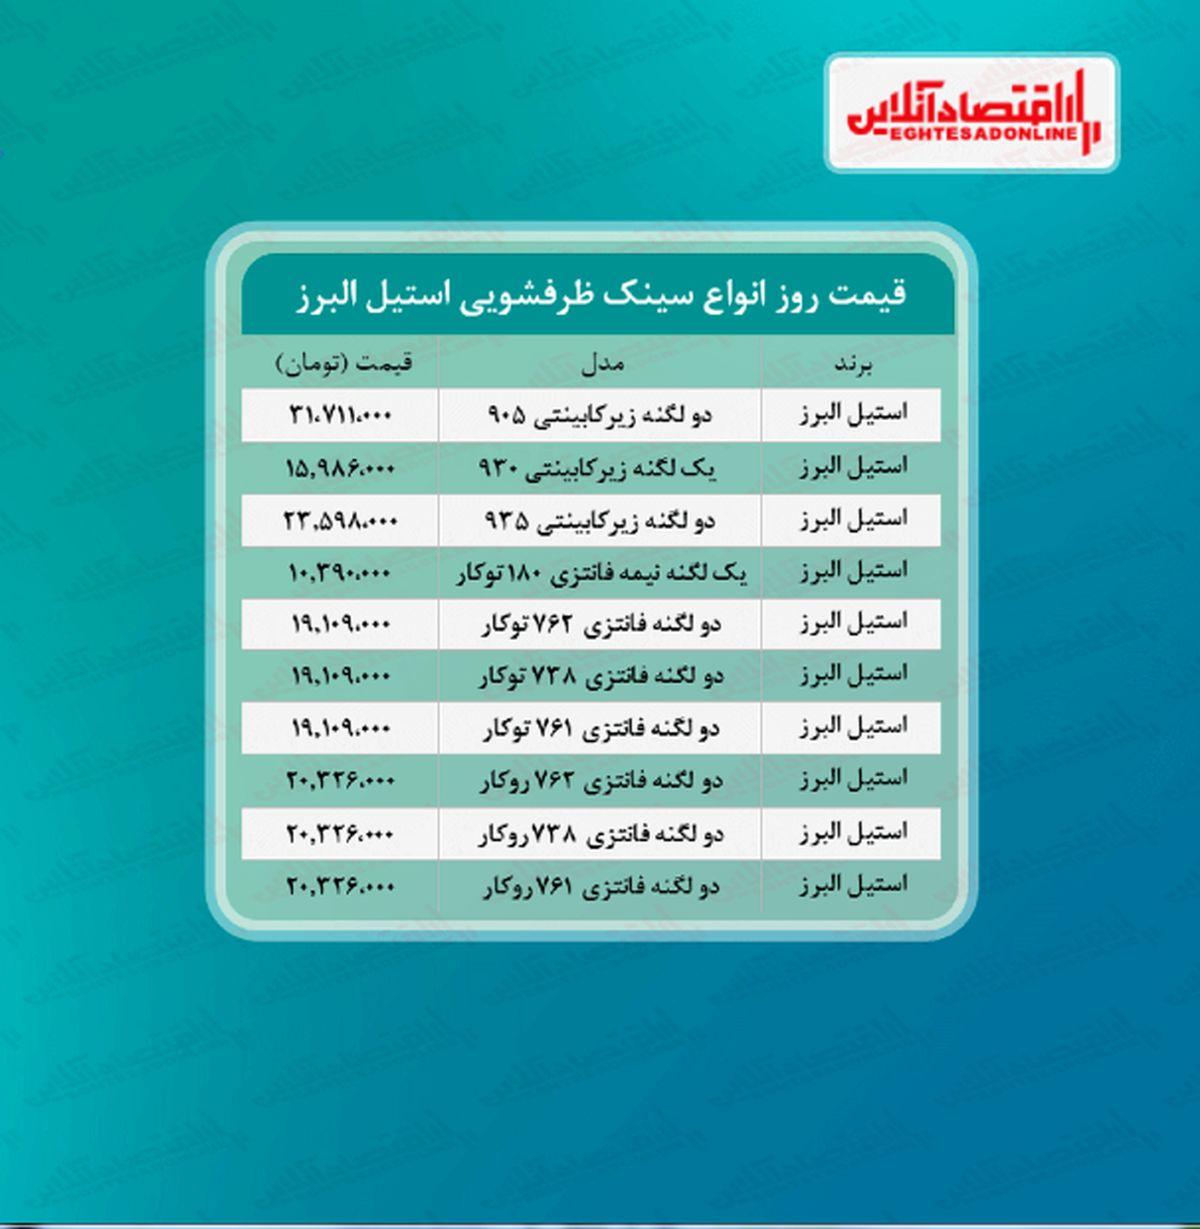 قیمت روز سینک ظرفشویی استیل البرز  (مرداد ۱۴۰۰)